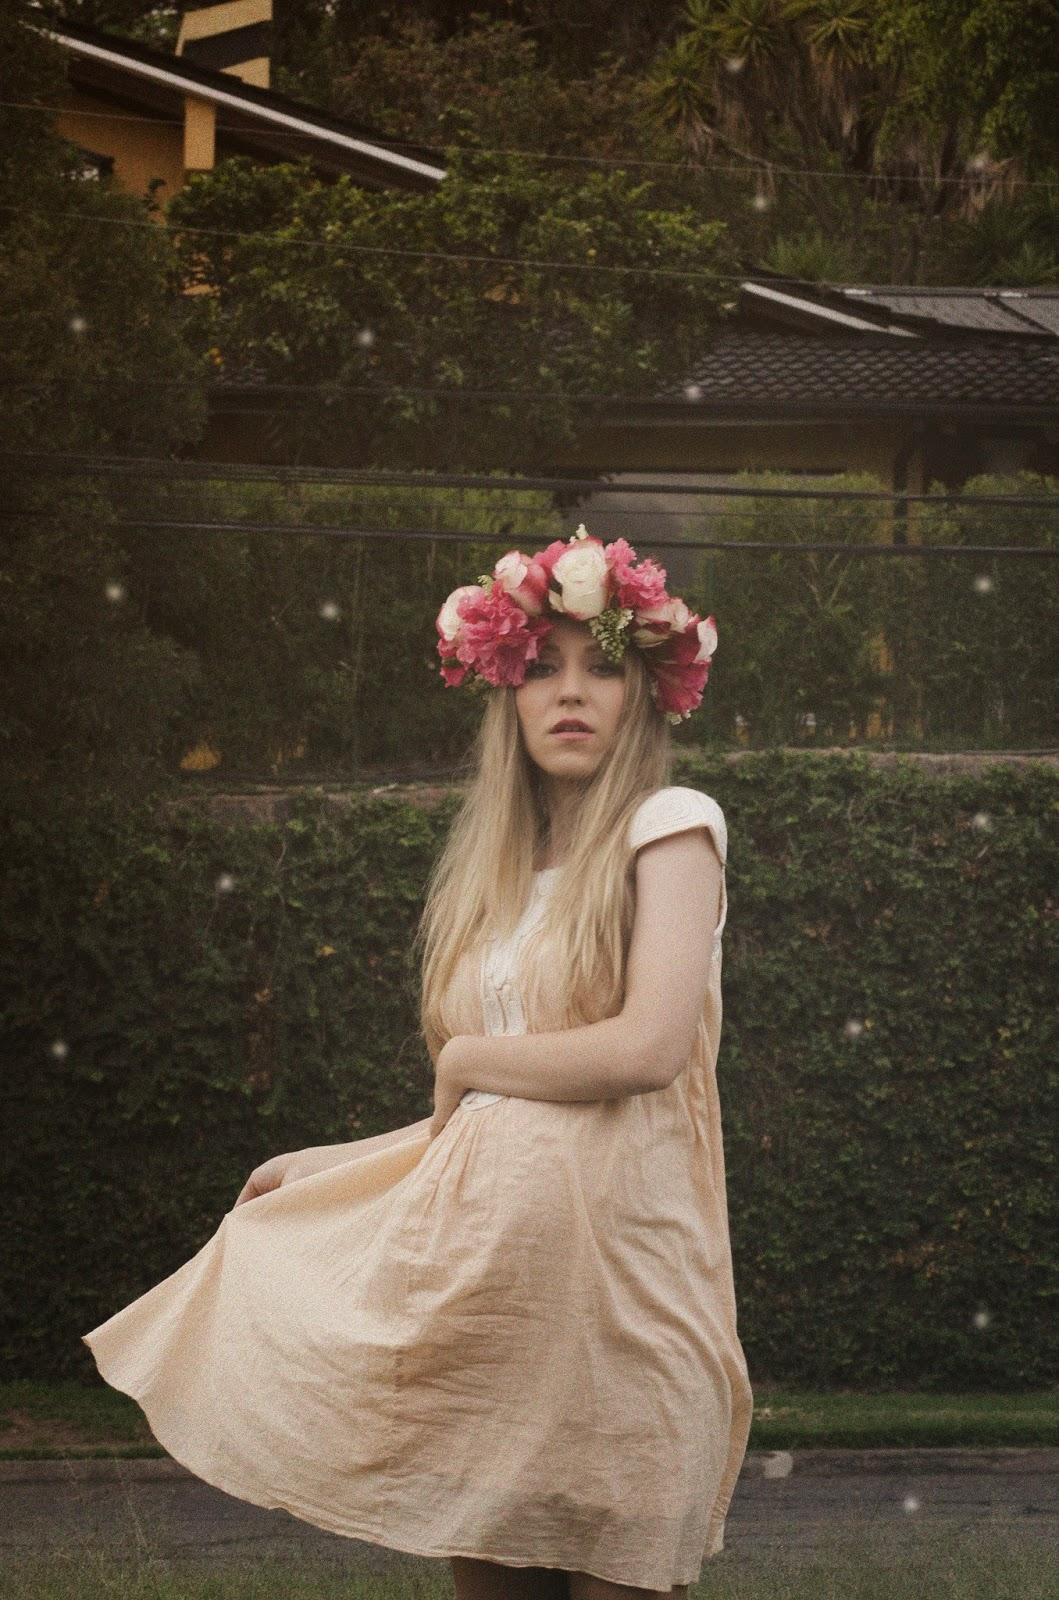 colección de imágenes de coronas de flores para el pelo